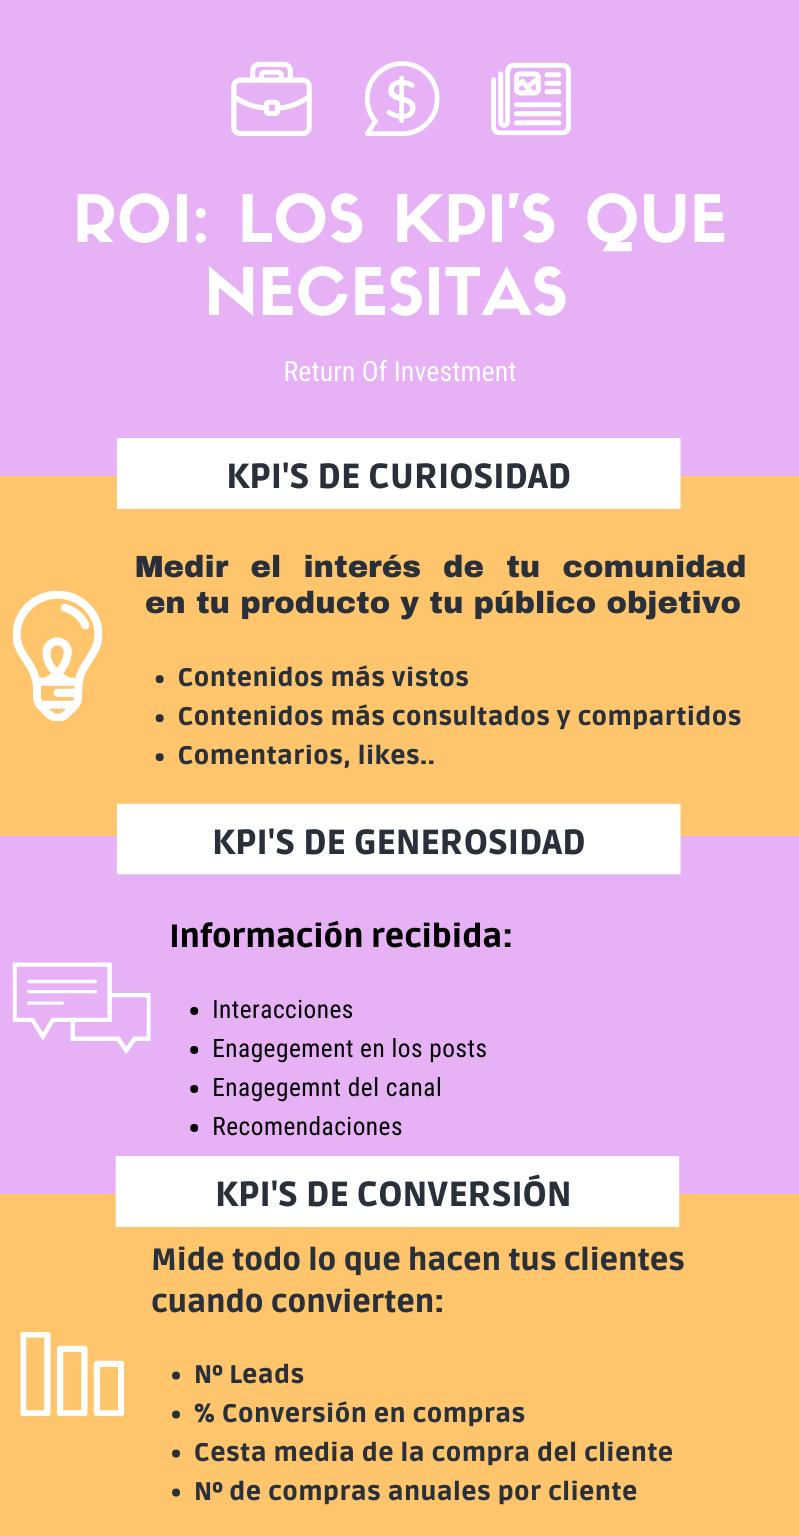 infografía-roi-kpis-recomendados